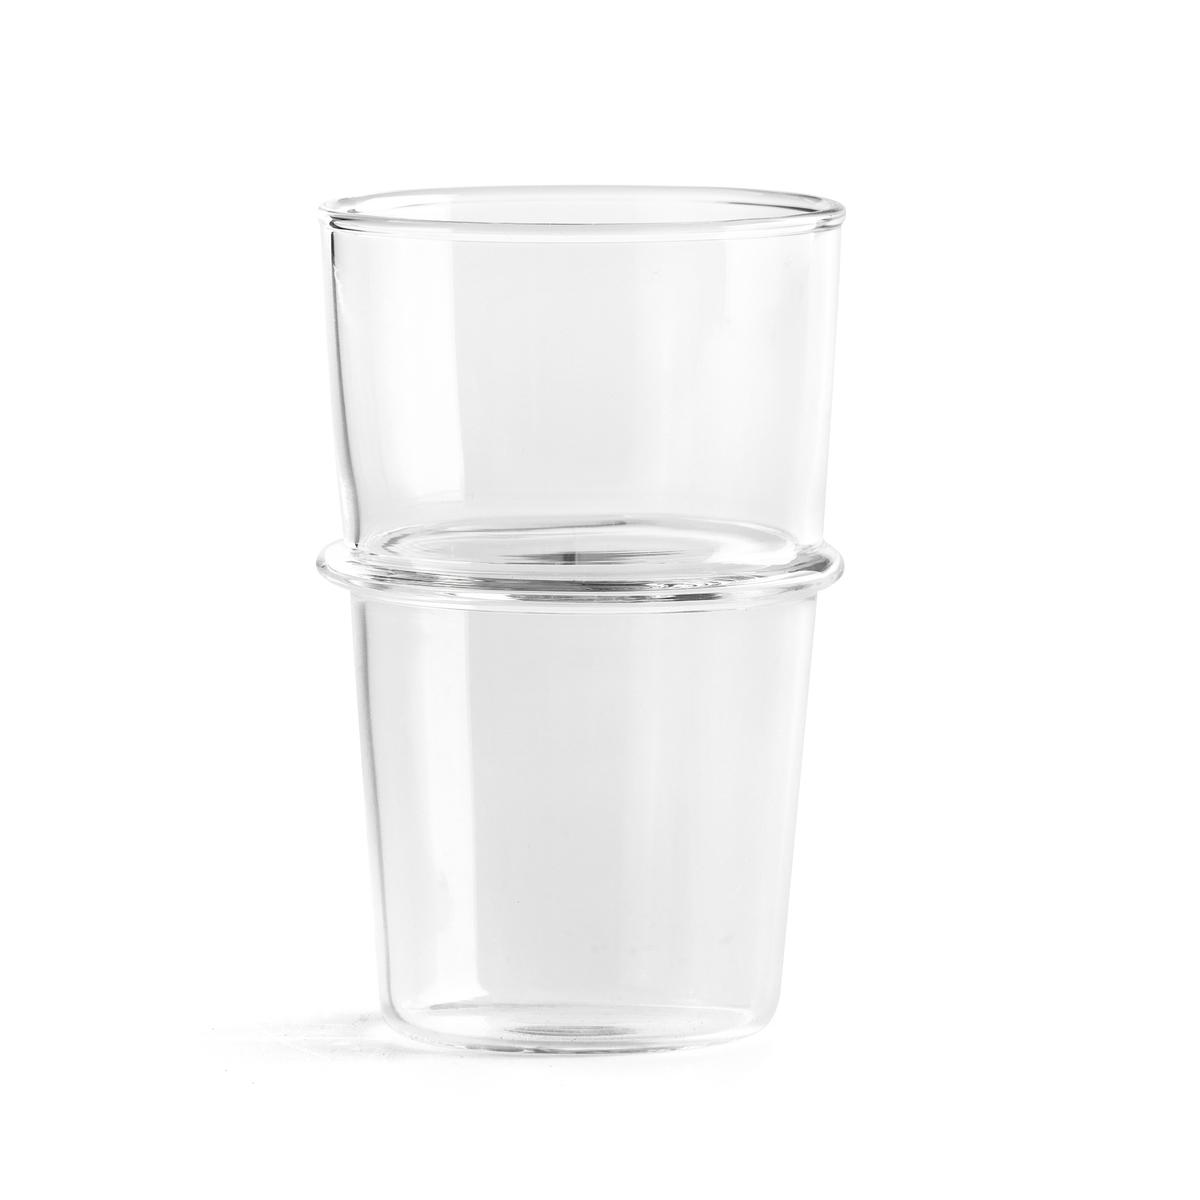 Бокала La Redoute BELOS единый размер другие бокала la redoute для воды armoy единый размер другие